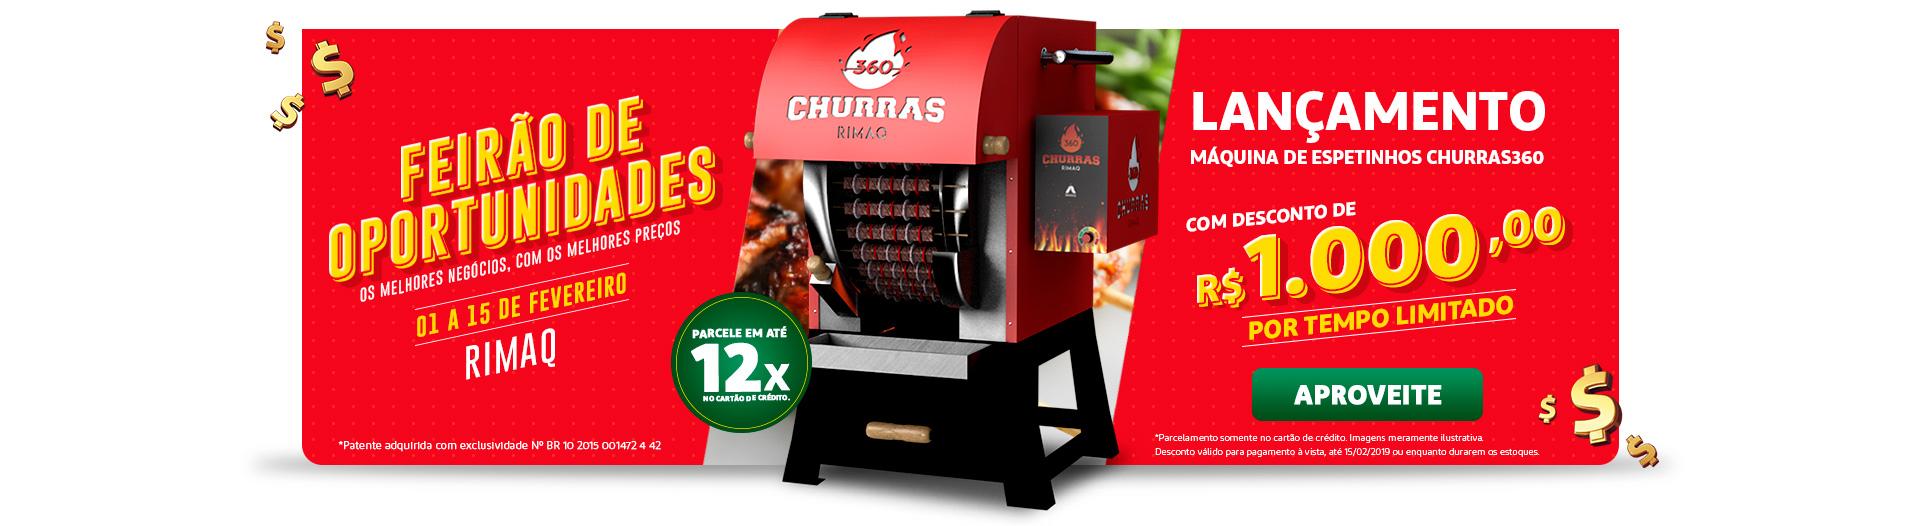 campanha-fev-2019-2-churras